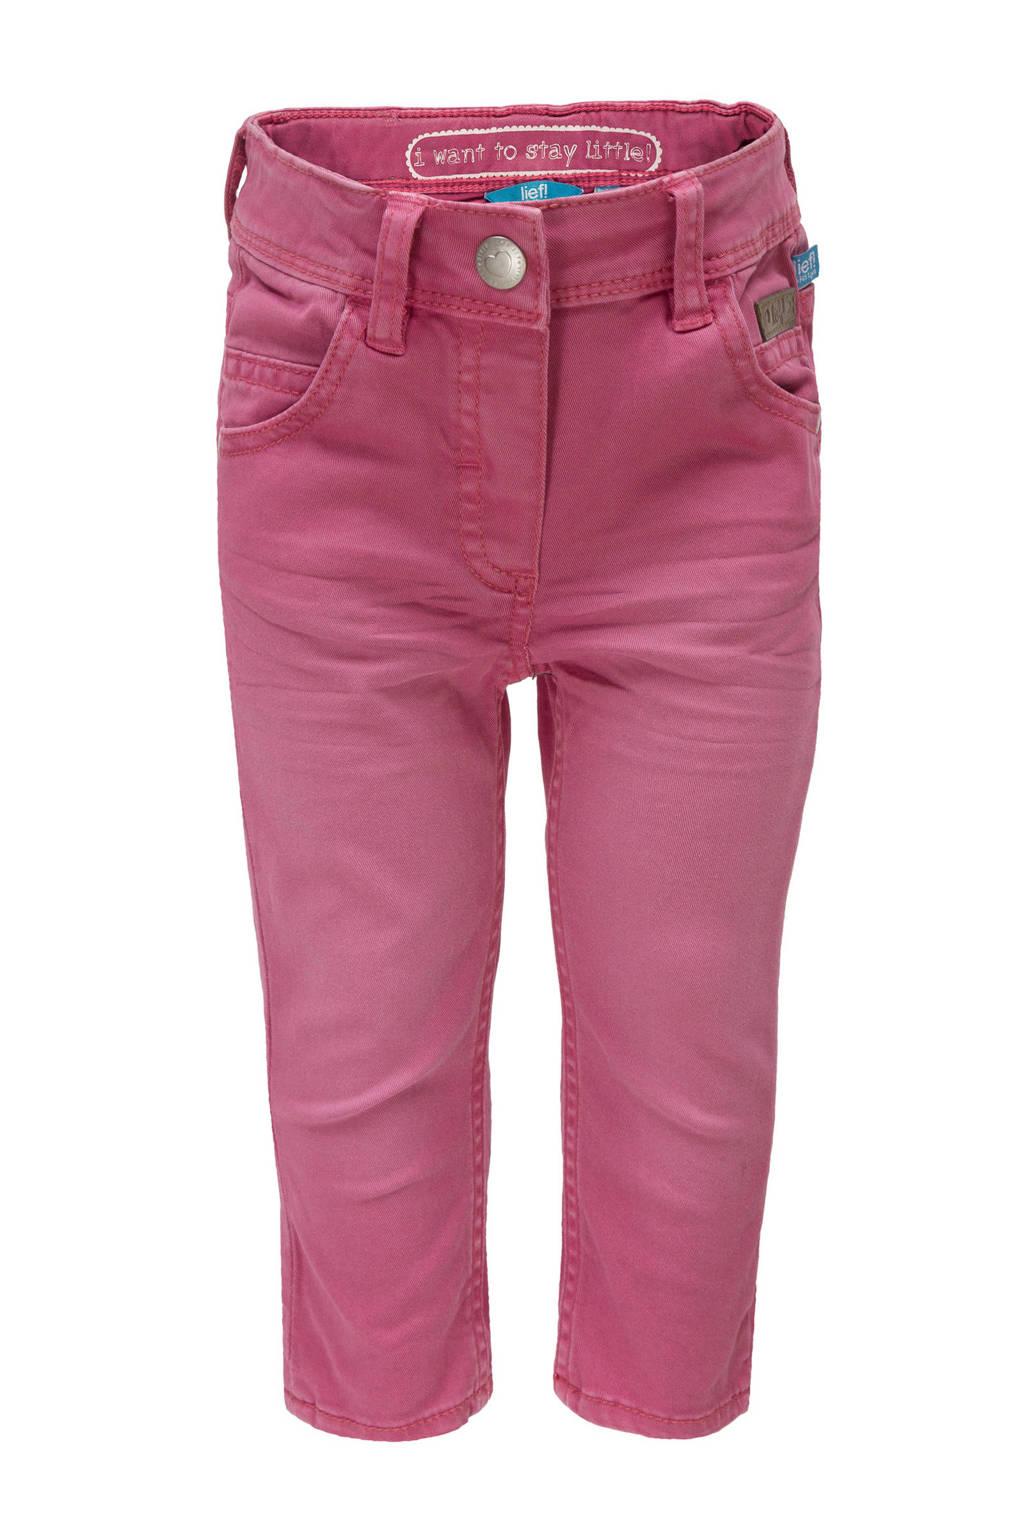 lief! broek warm roze, Warm roze